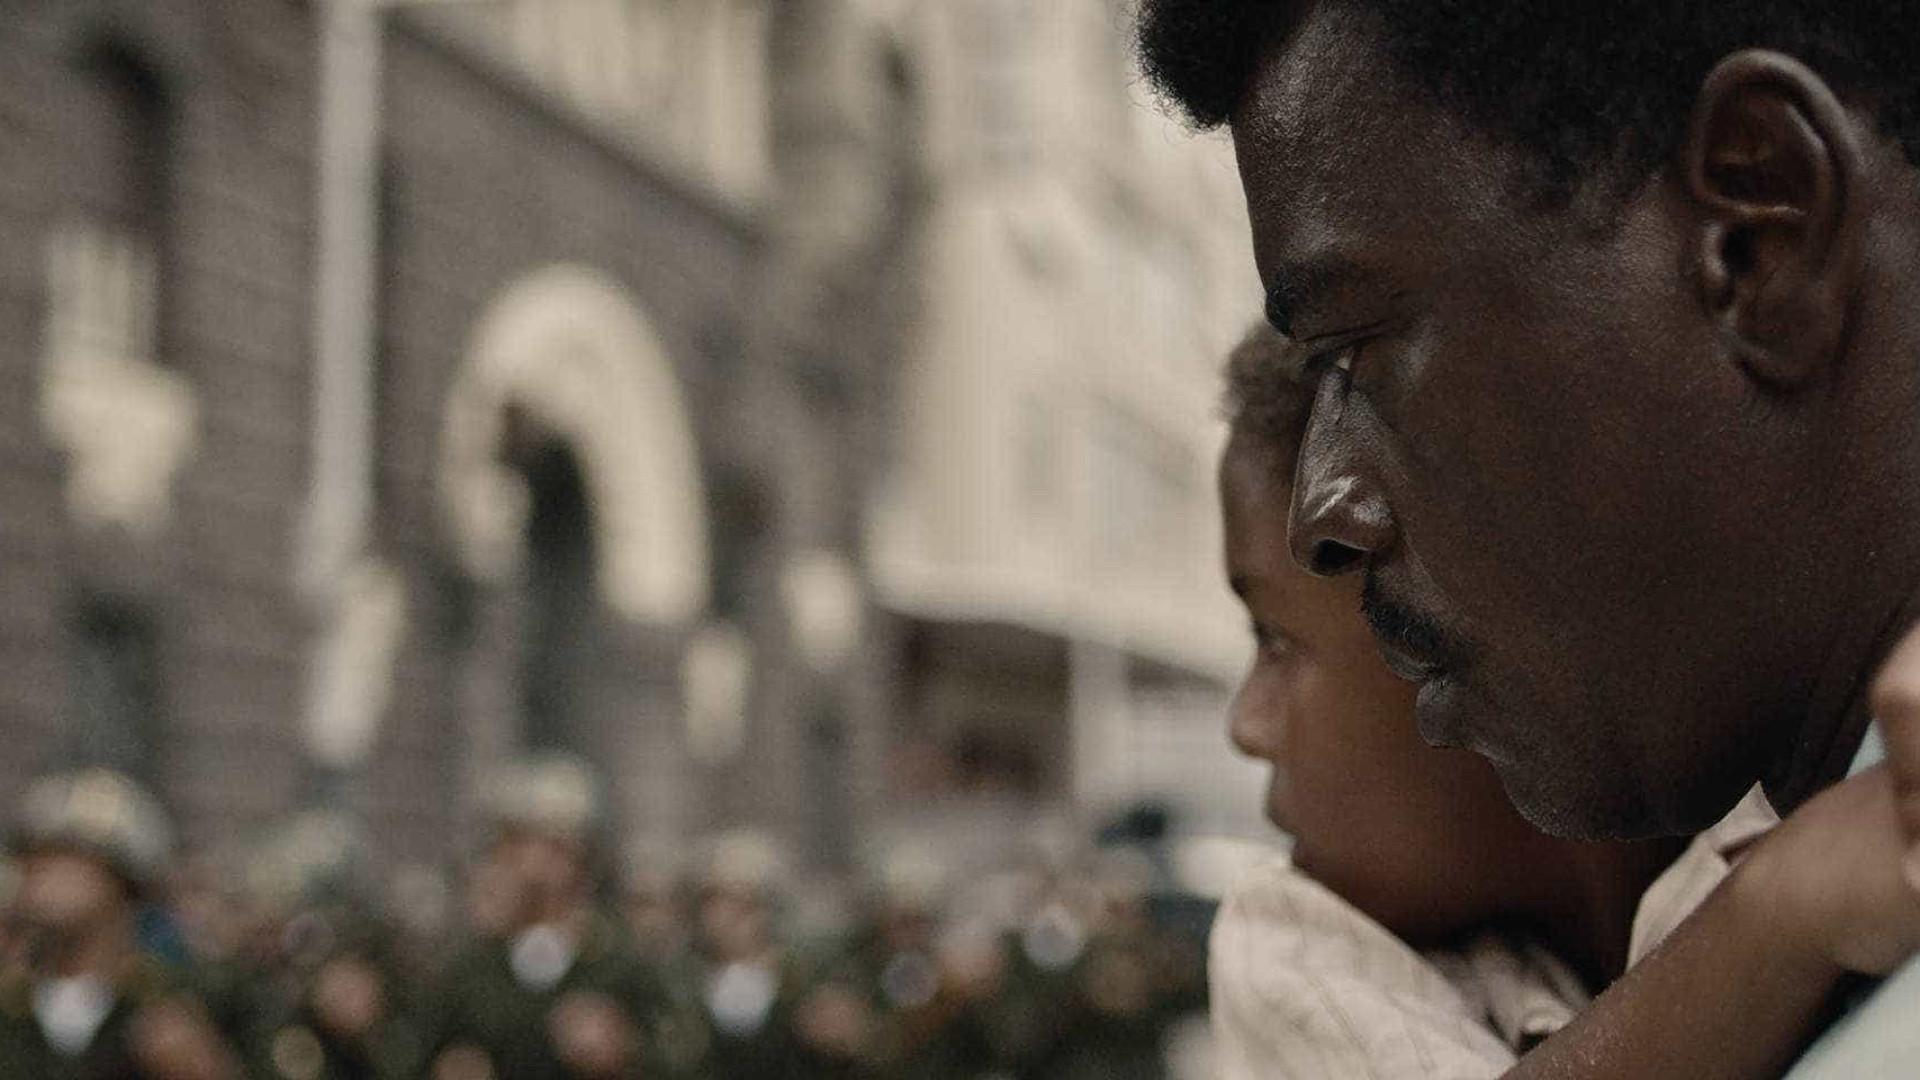 Brasil desembarca em Berlim com 12 filmes no rastro da politização